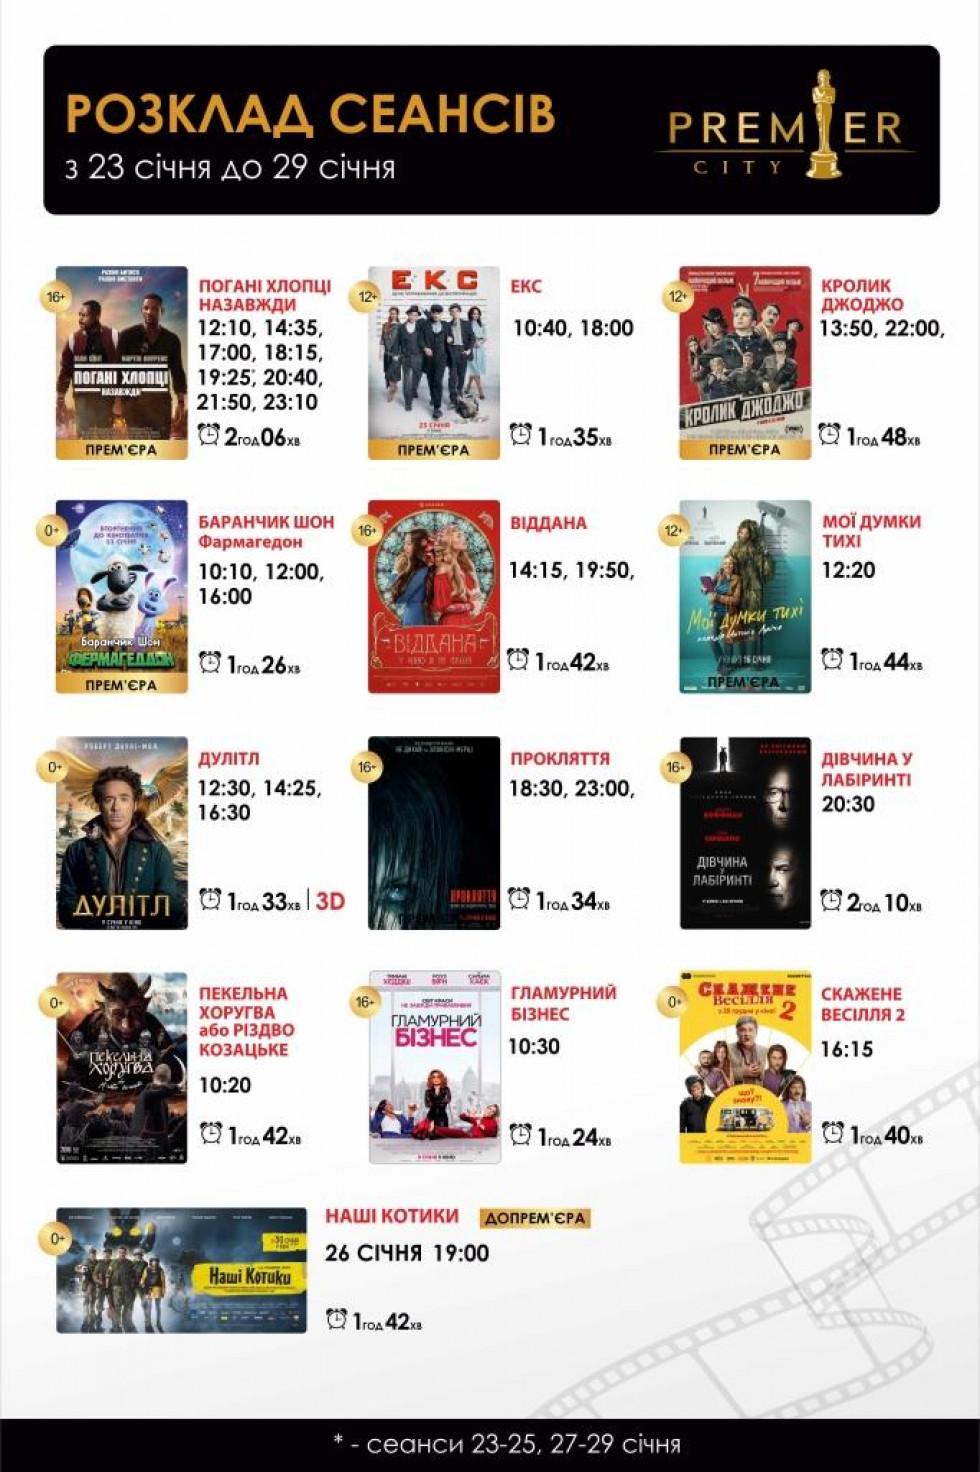 Розклад сеансів з 23 січня до 29 січня в кінотеатрі PremierCity